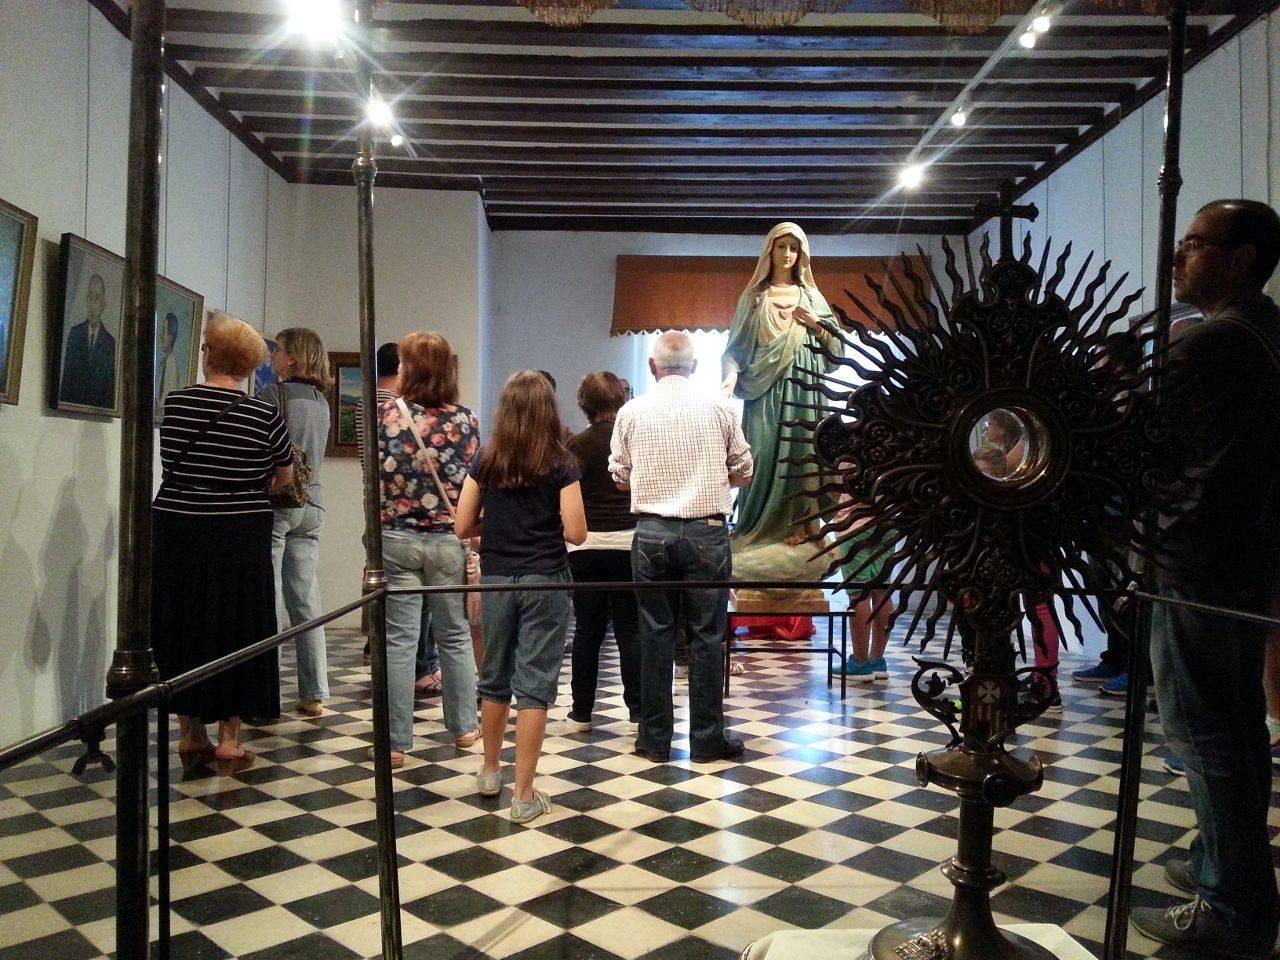 visita-casa-museo-de-la-merced-de-herencia-16-05-2015_33